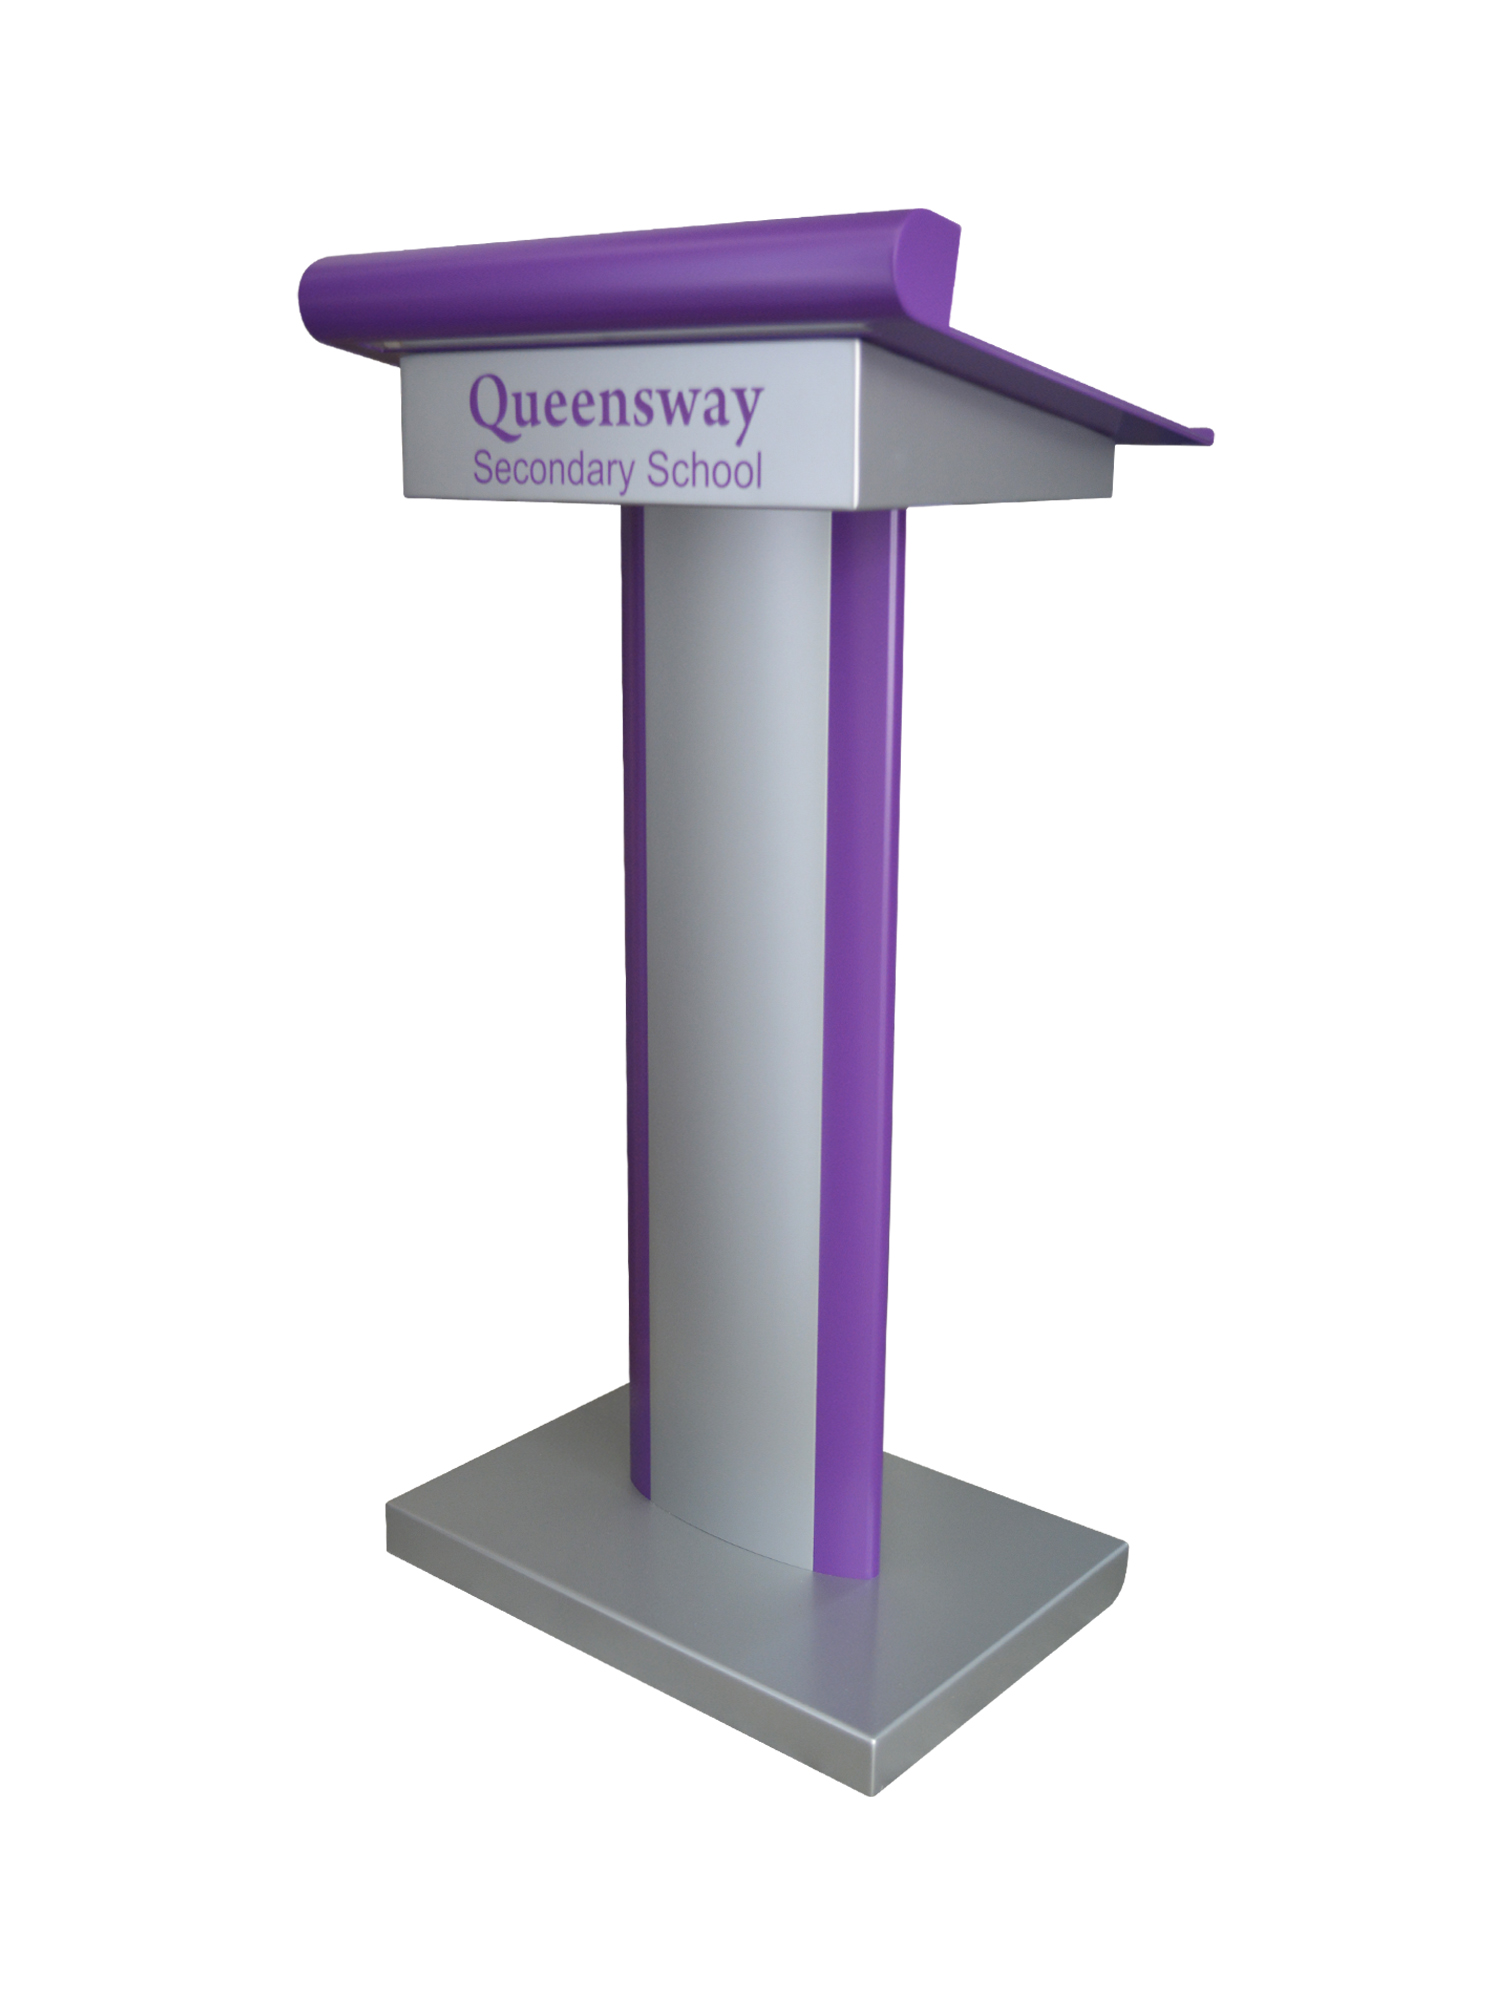 Queensway Secondary School